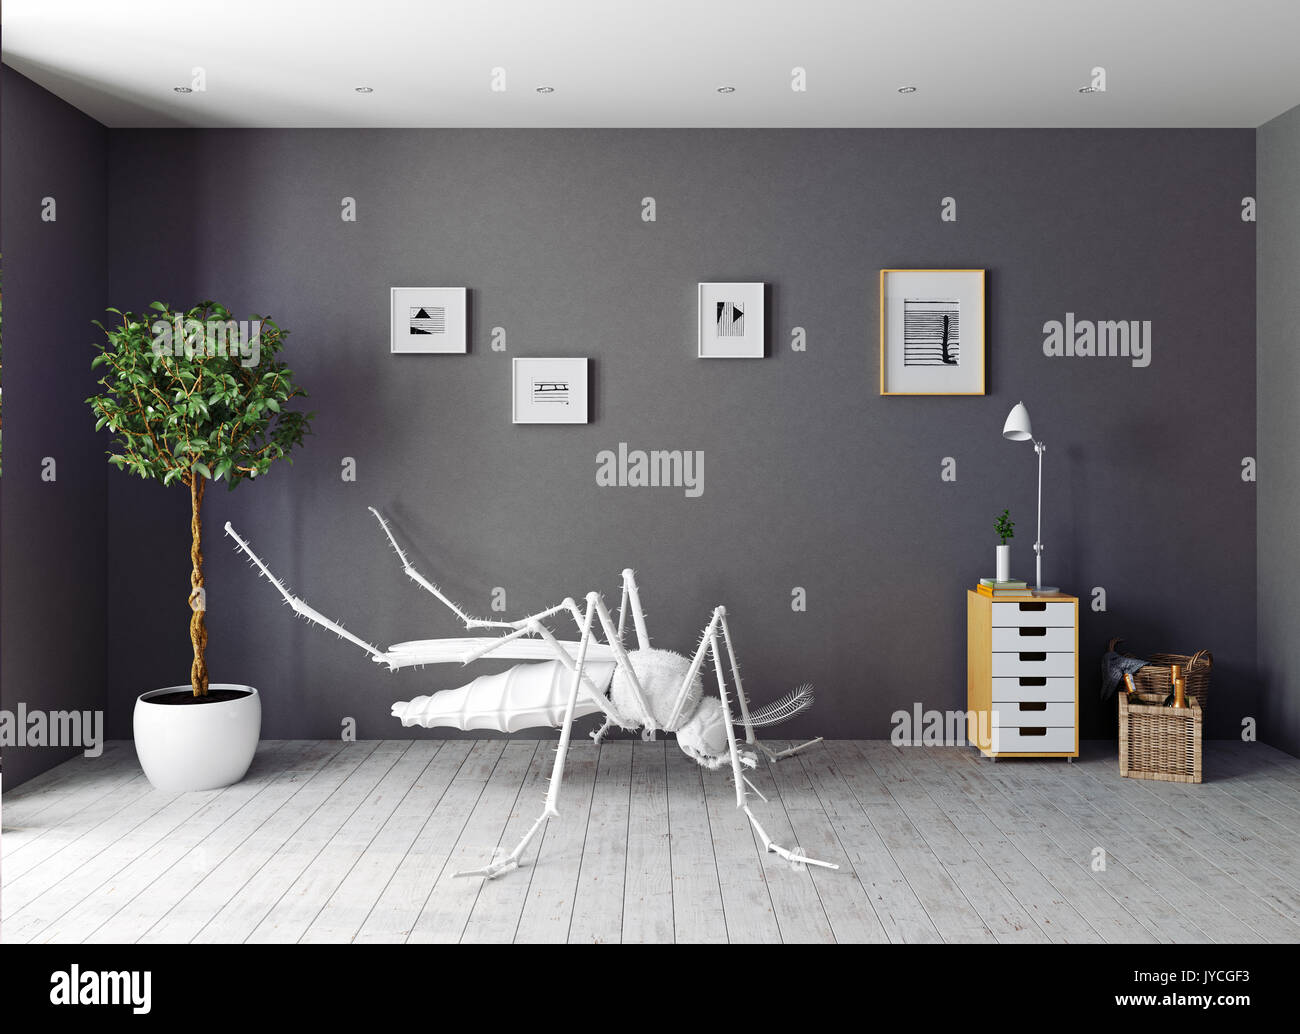 3d Fußboden Wohnzimmer ~ Die weiße mücke auf dem fußboden im wohnzimmer d konzept